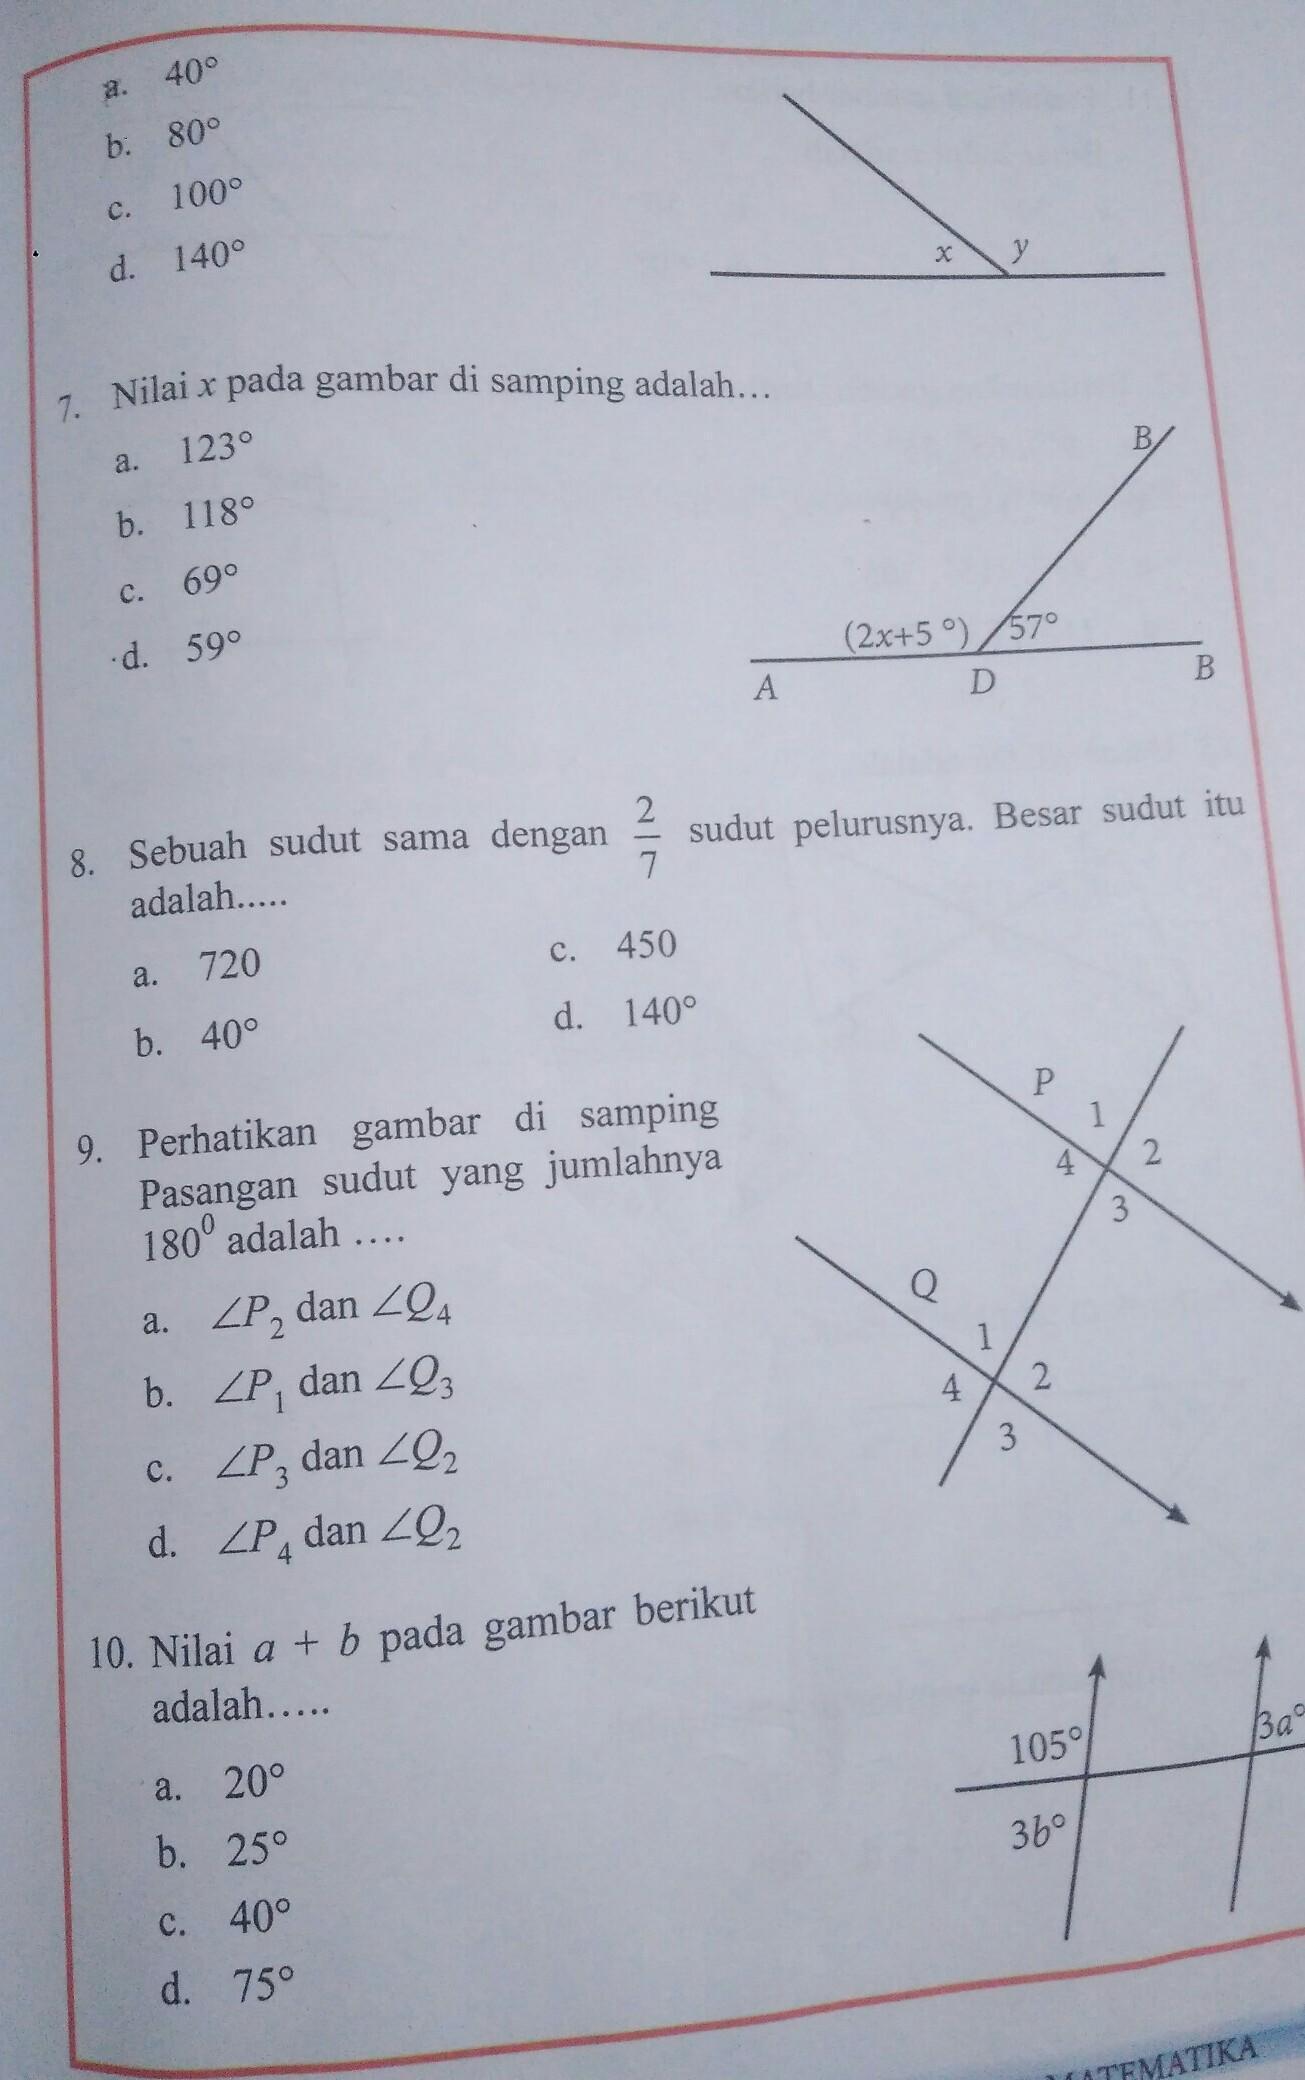 Matematika Uji Kompetensi 7 Kelas 7 Semester 2 Hal 173 Cepet Dijawab Ya Brainly Co Id